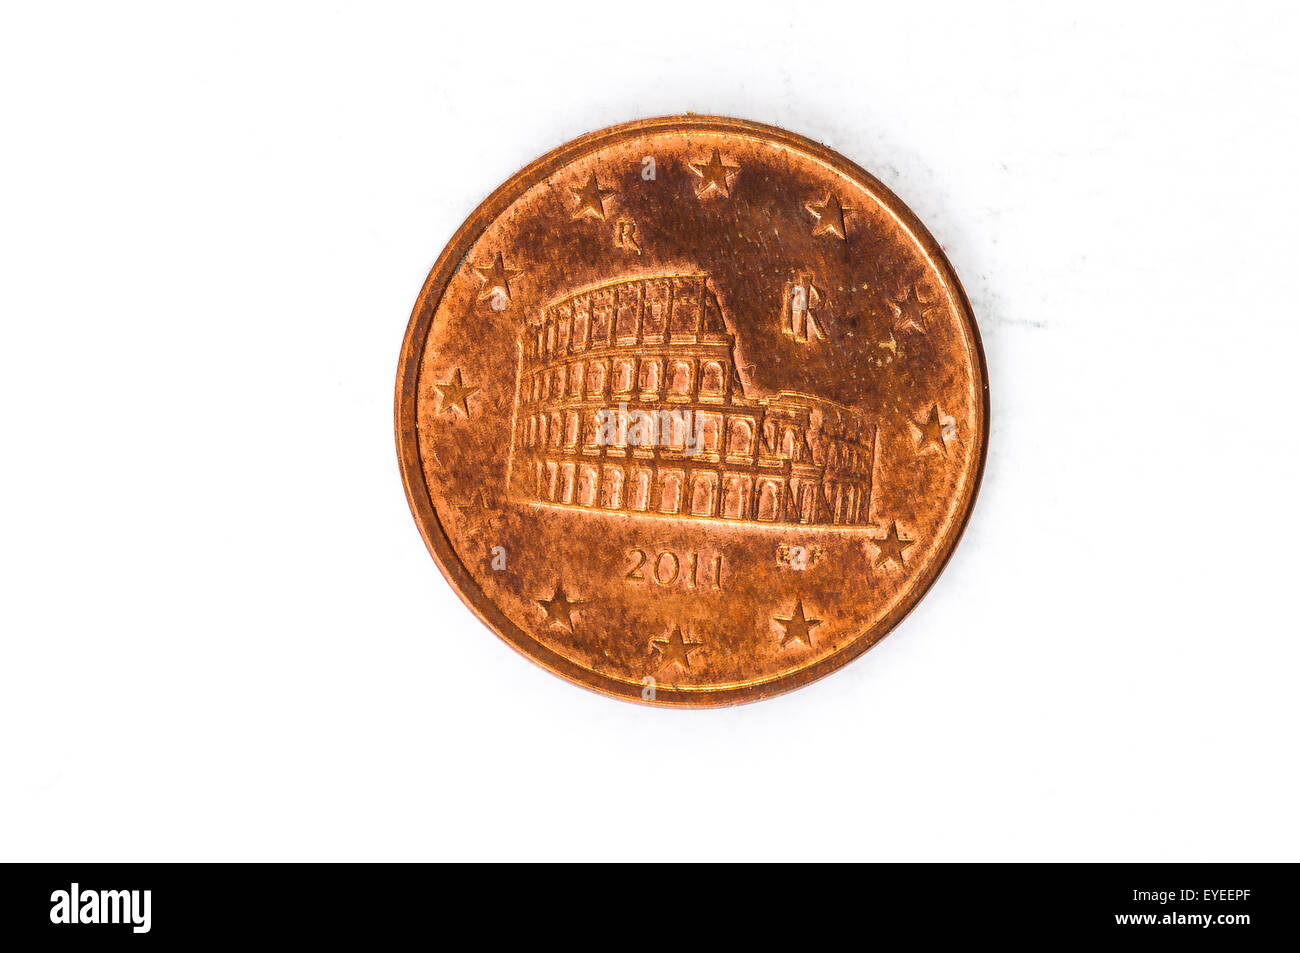 5 Euro Cent Münze Mit Italienischen Forum Romanum Rückseite Used